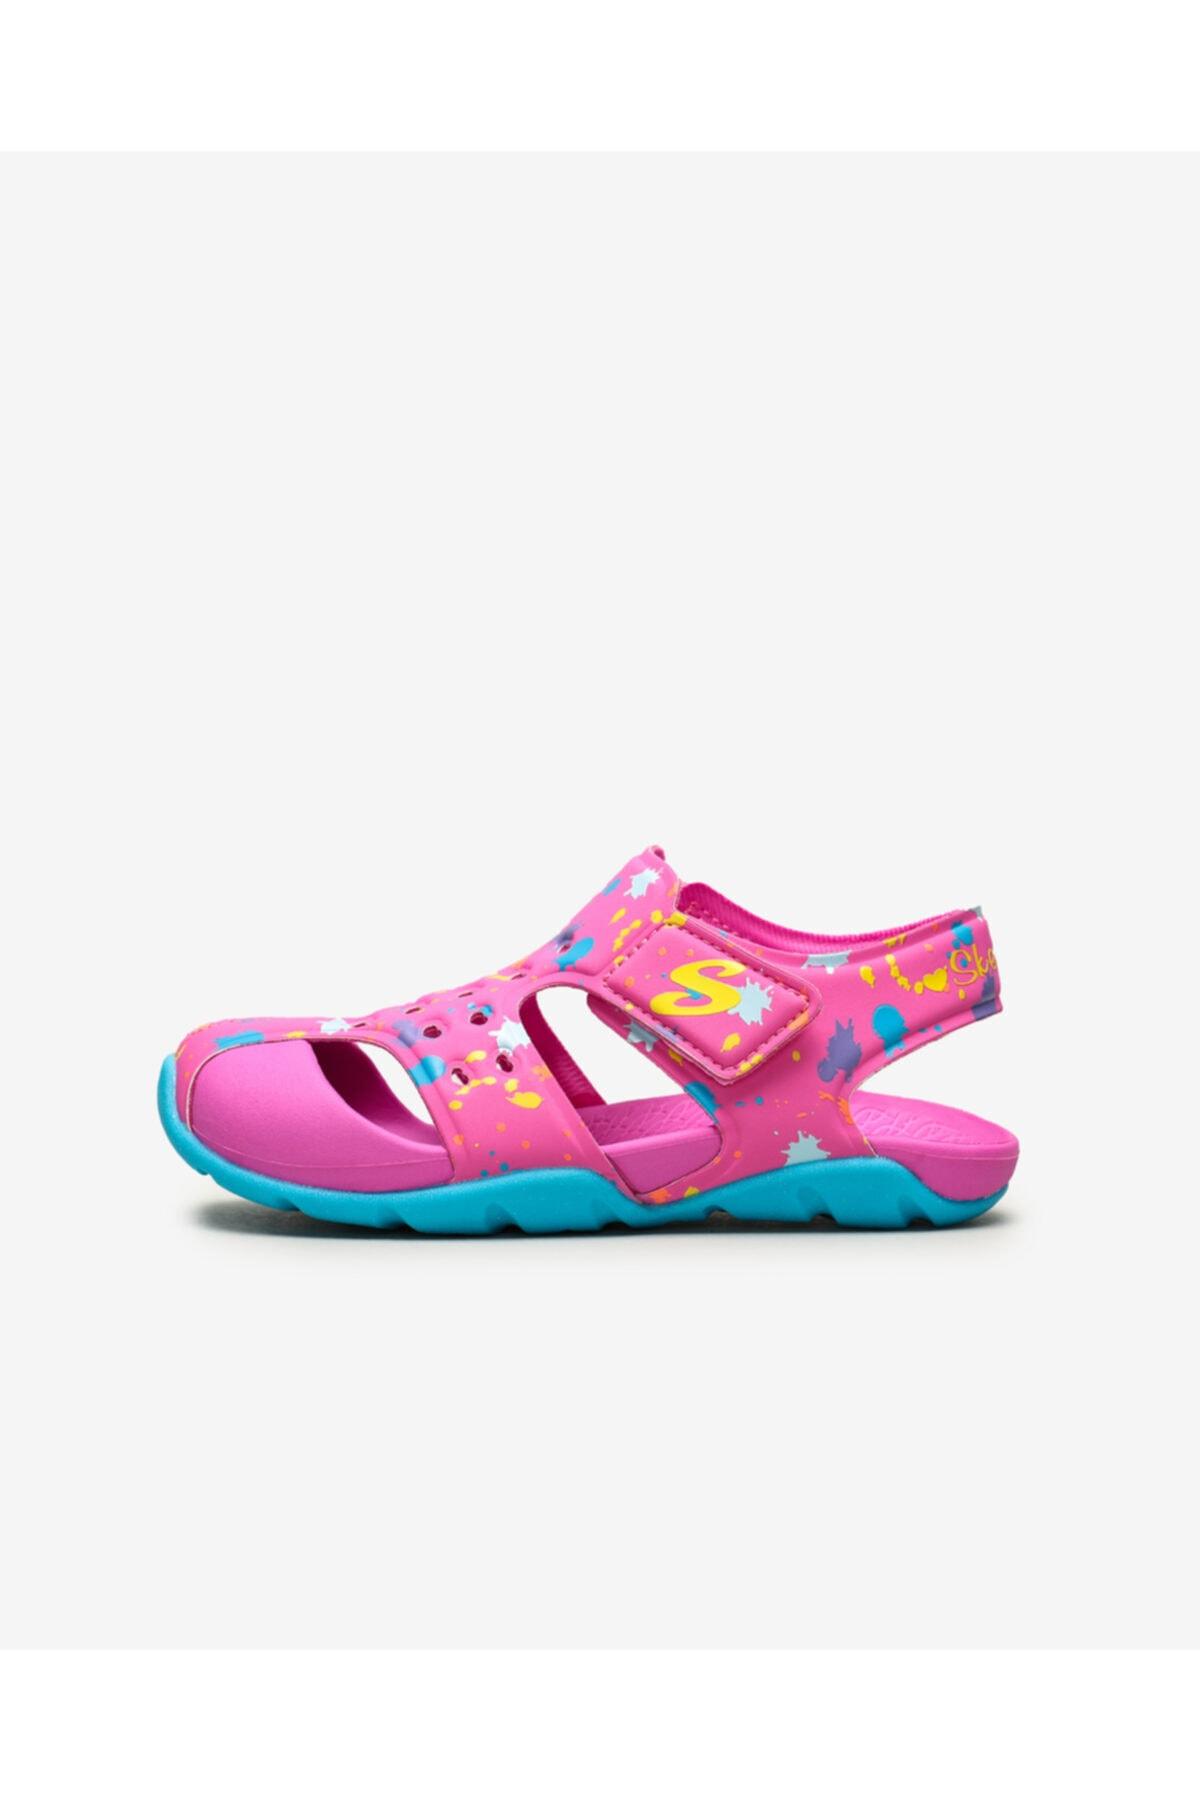 SKECHERS SIDE WAVE - Büyük Kız Çocuk Pembe Sandalet 1